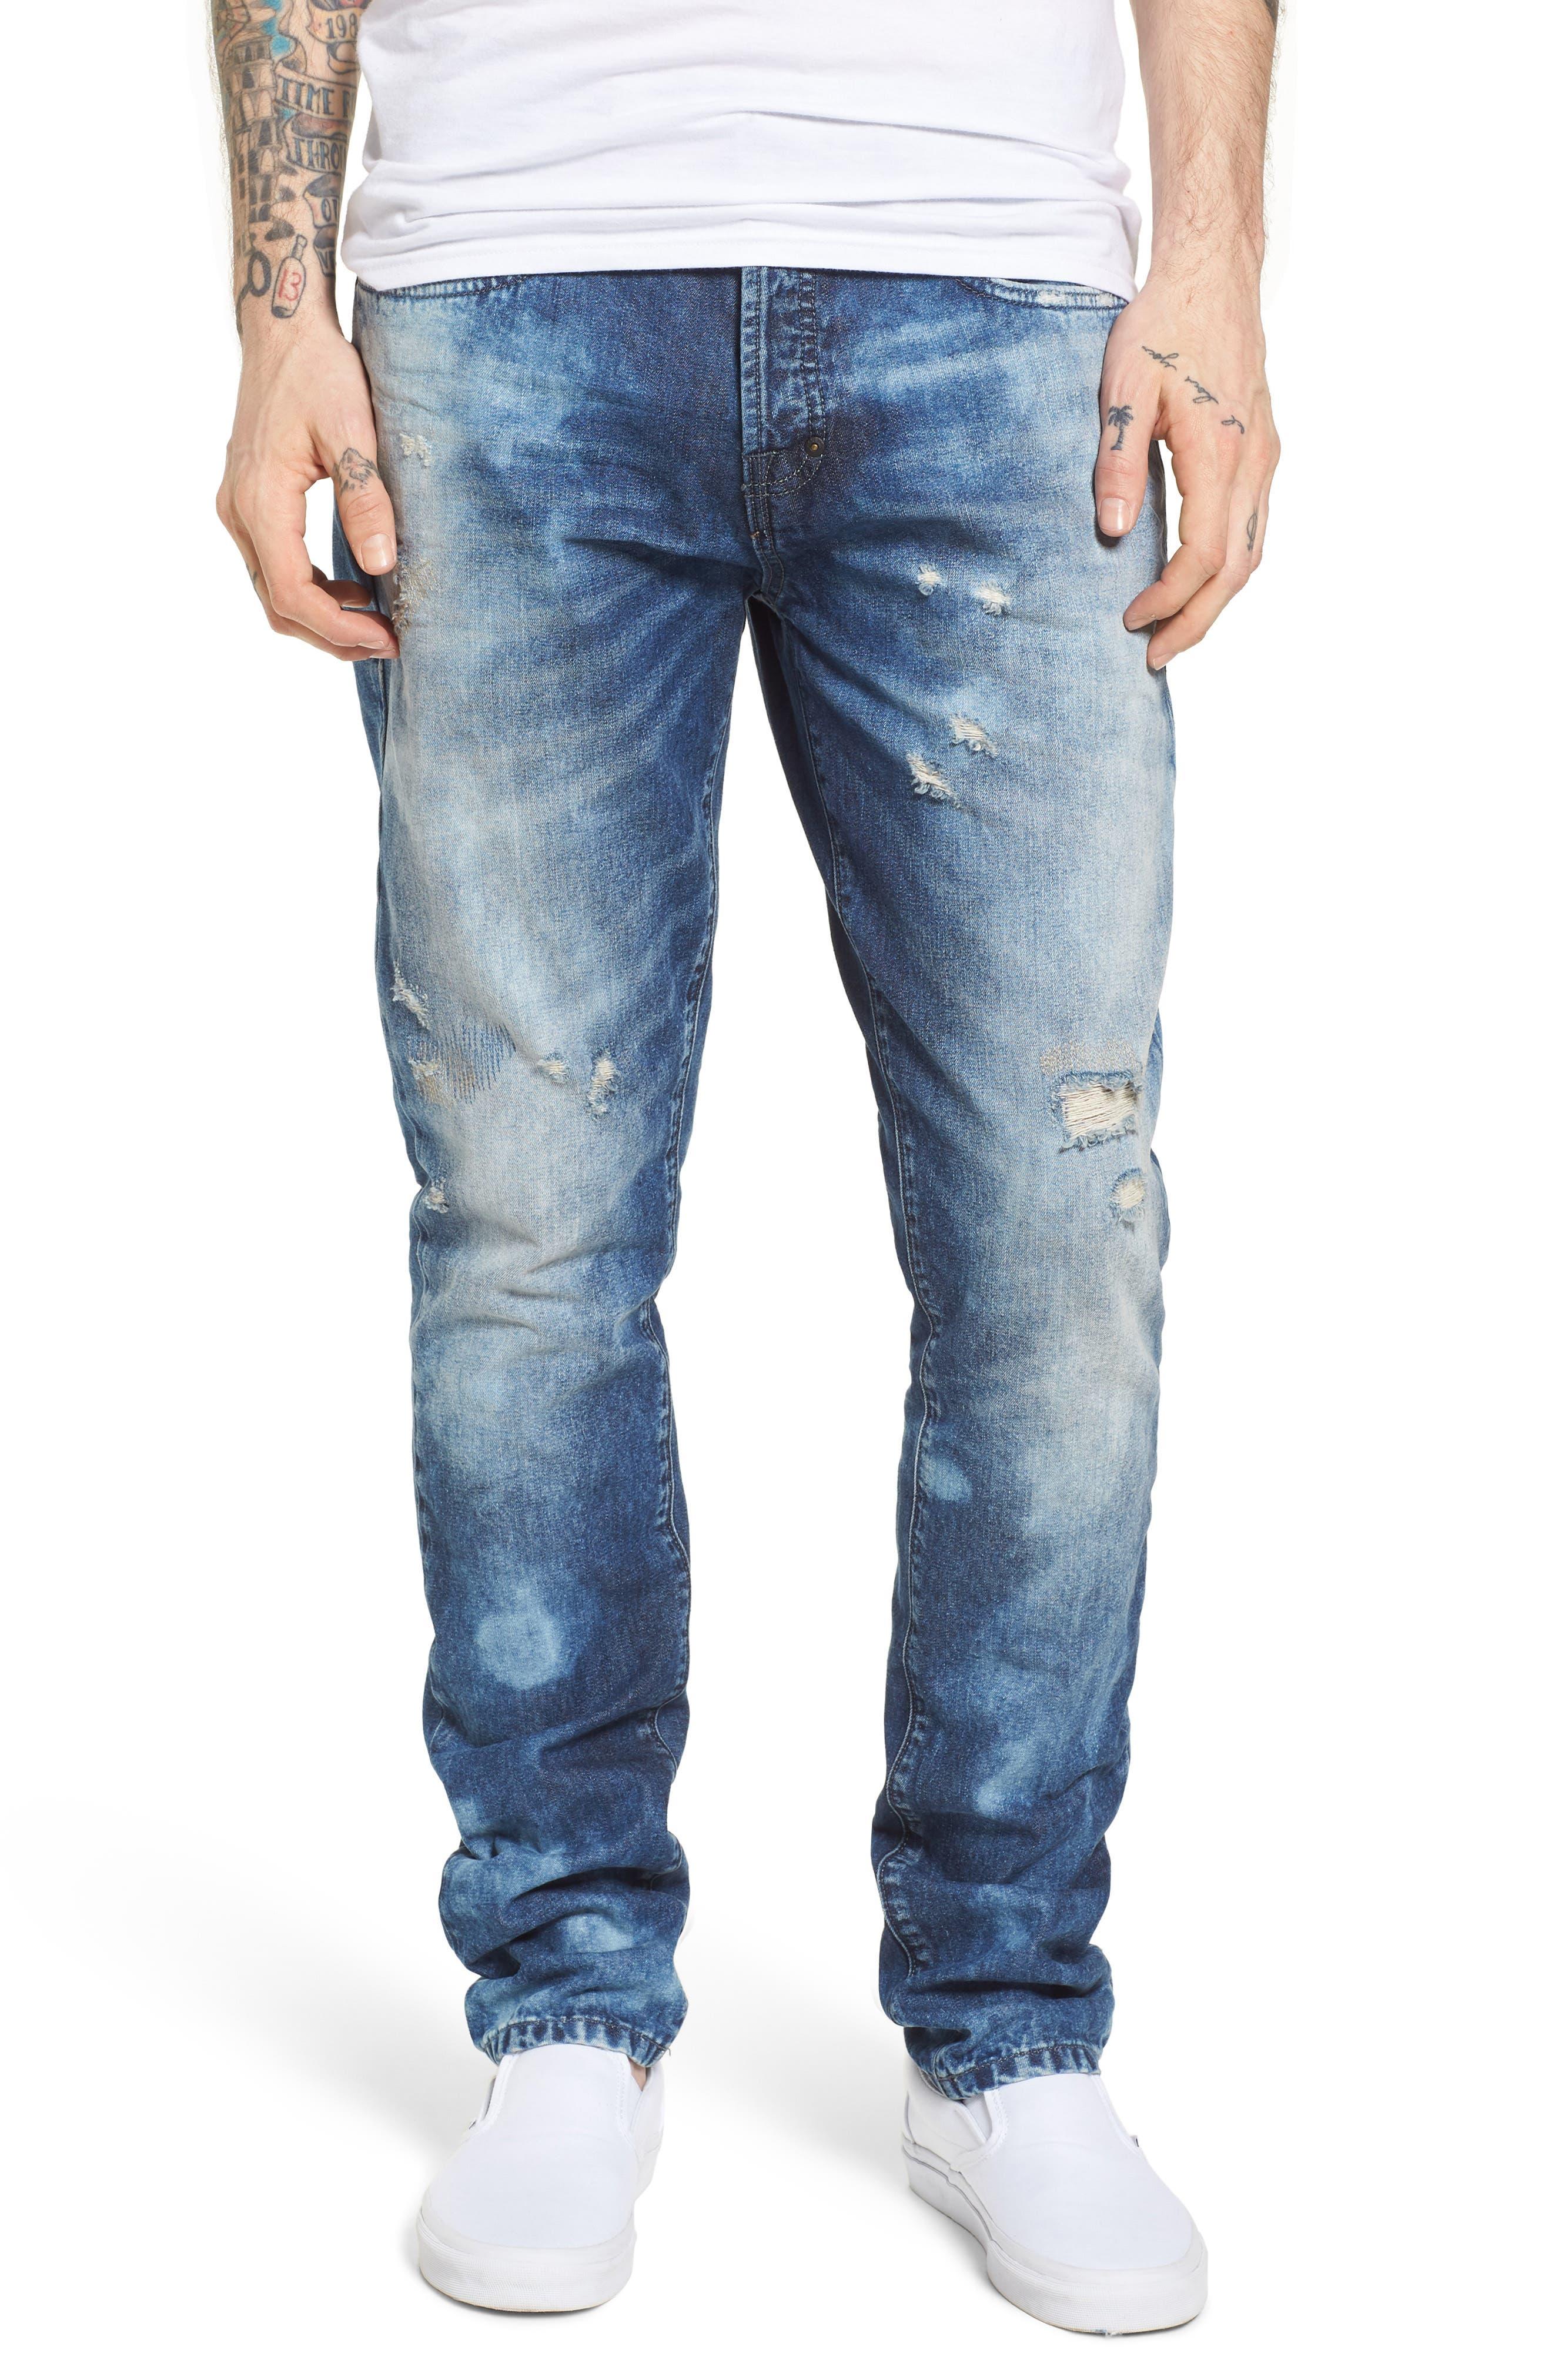 Le Sabre Slim Fit Jeans,                         Main,                         color, Litany